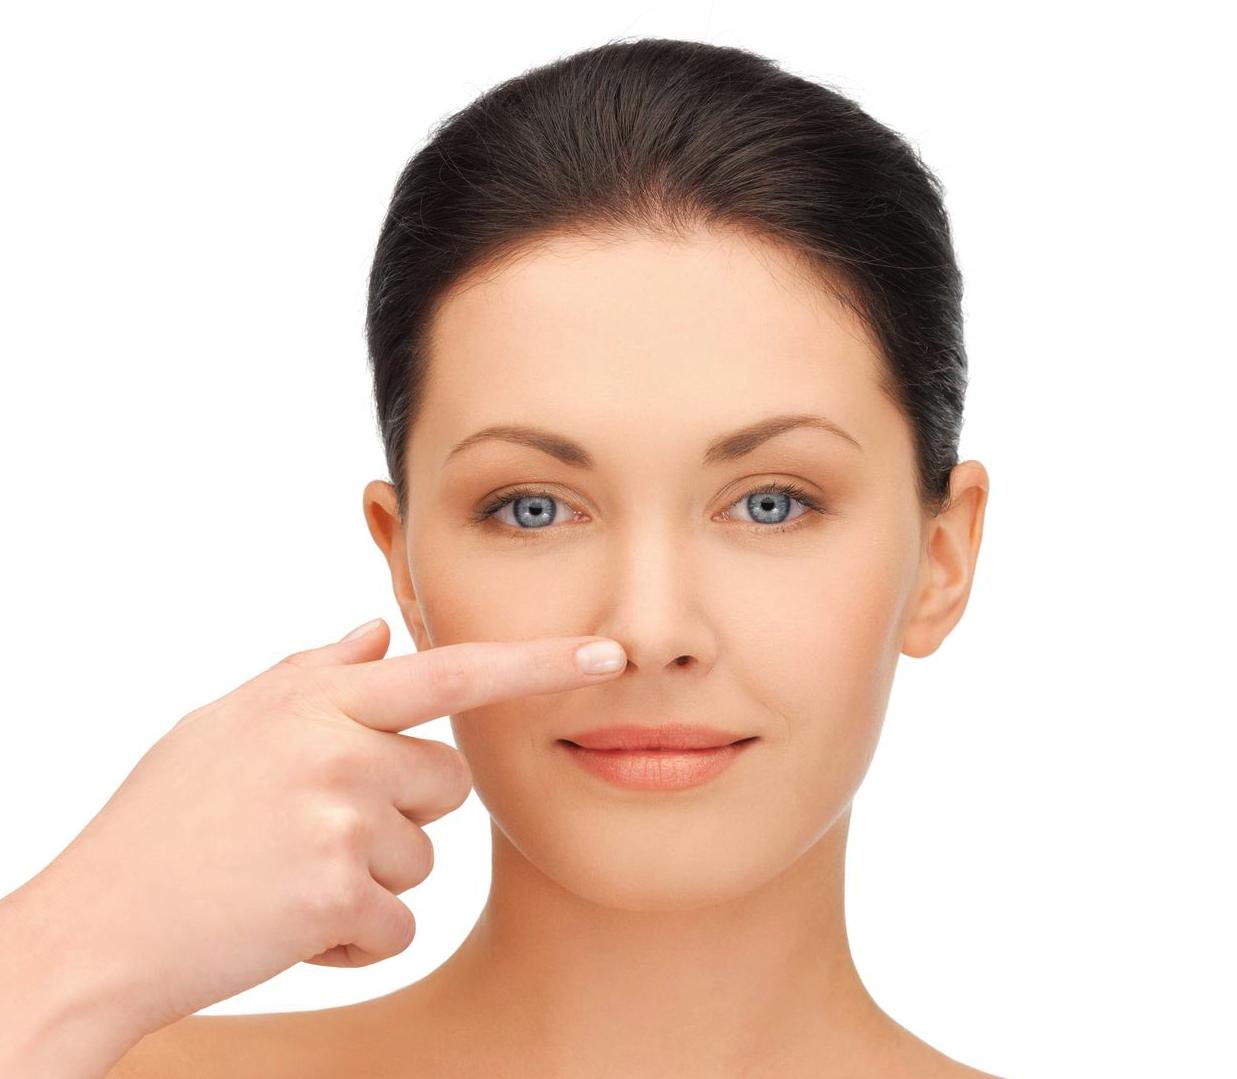 La rinoplastica nella chirurgia estetica